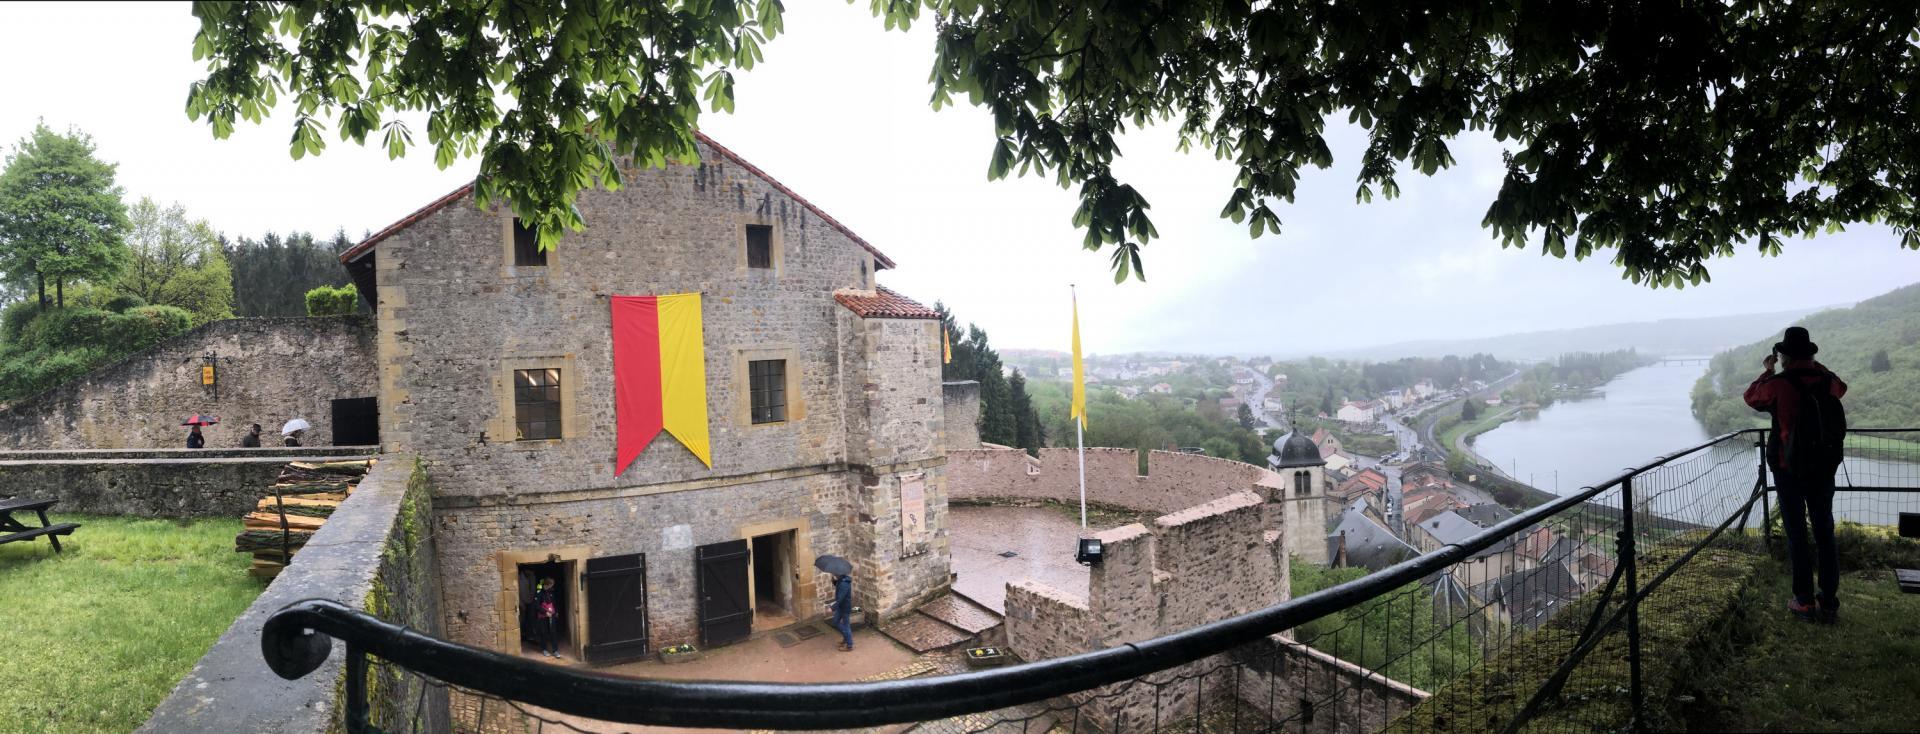 Château de Sierck et Moselle